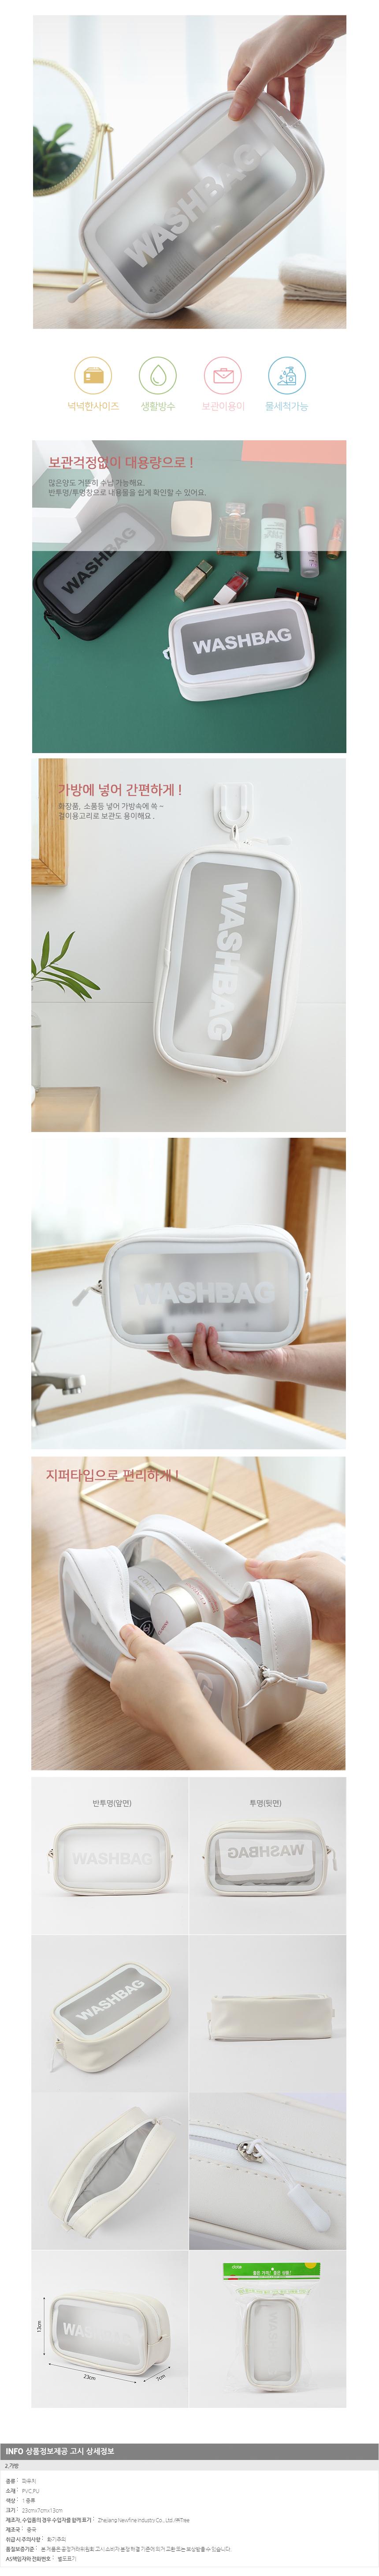 워시백 투명 사각 파우치 / 방수 수영파우치 - 기프트갓, 6,700원, 정리함, 화장품정리함